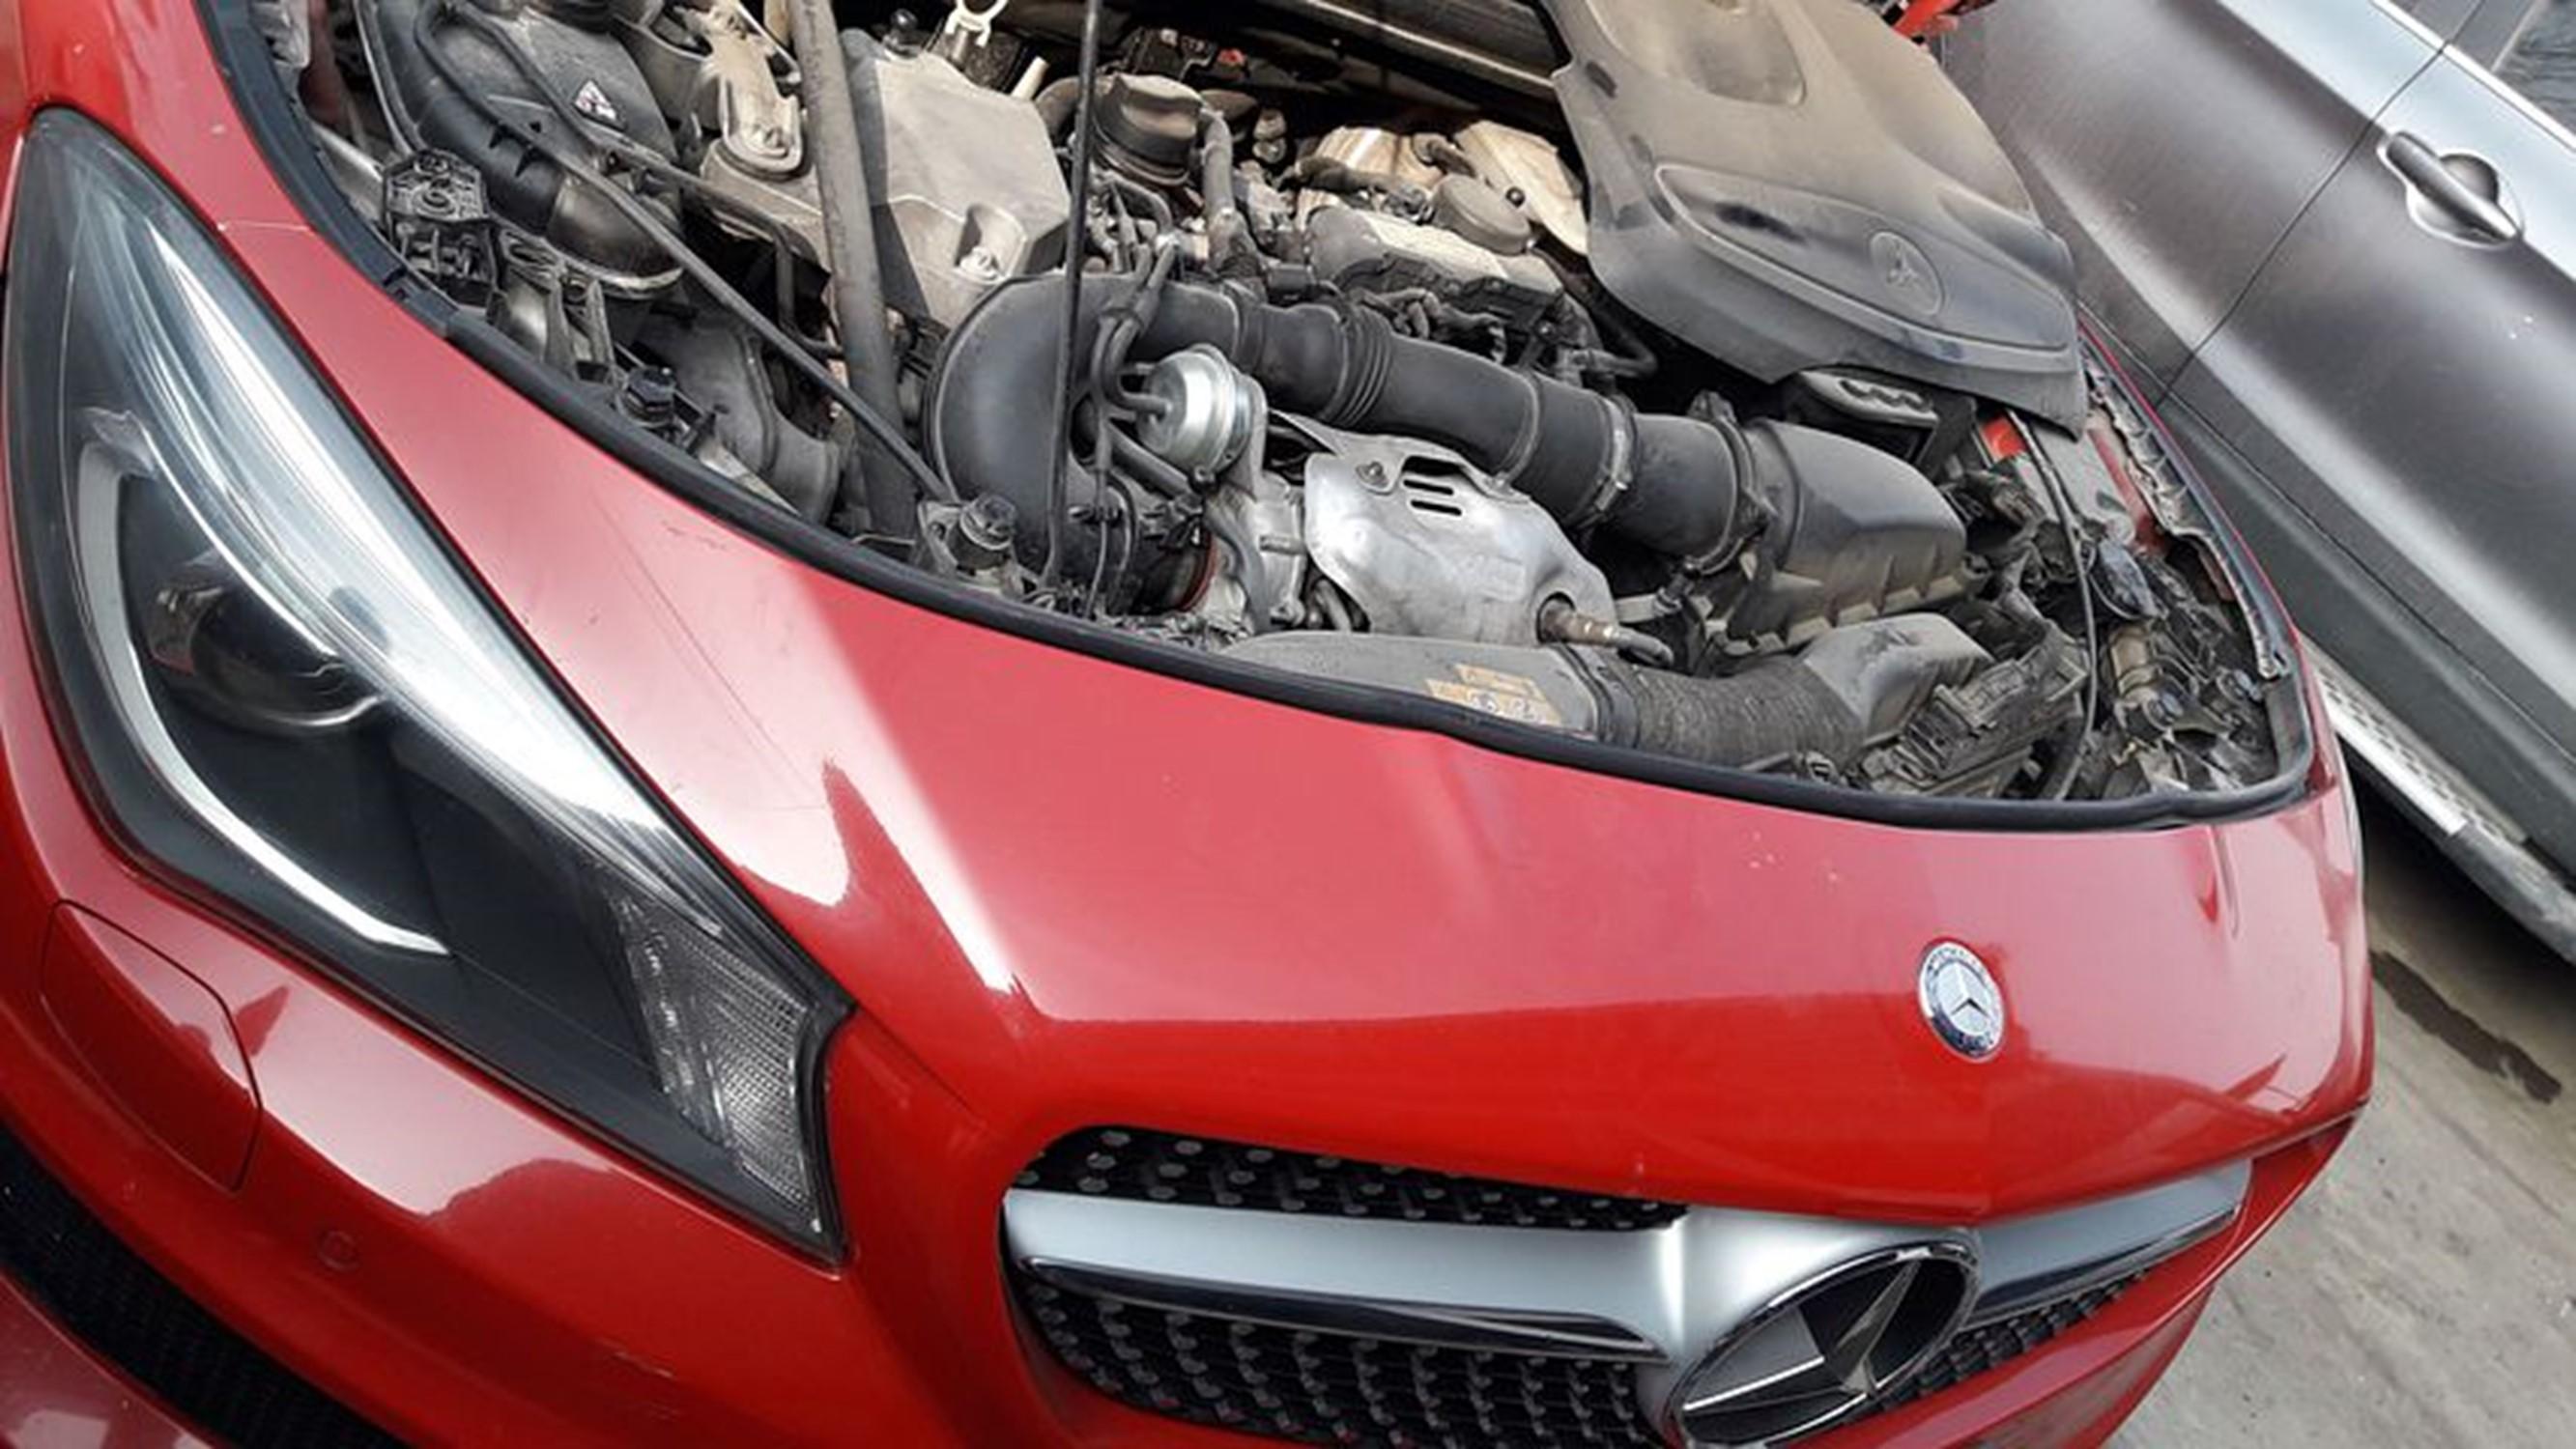 Fin des vacances d'été : Préparer sa voiture pour la rentrée